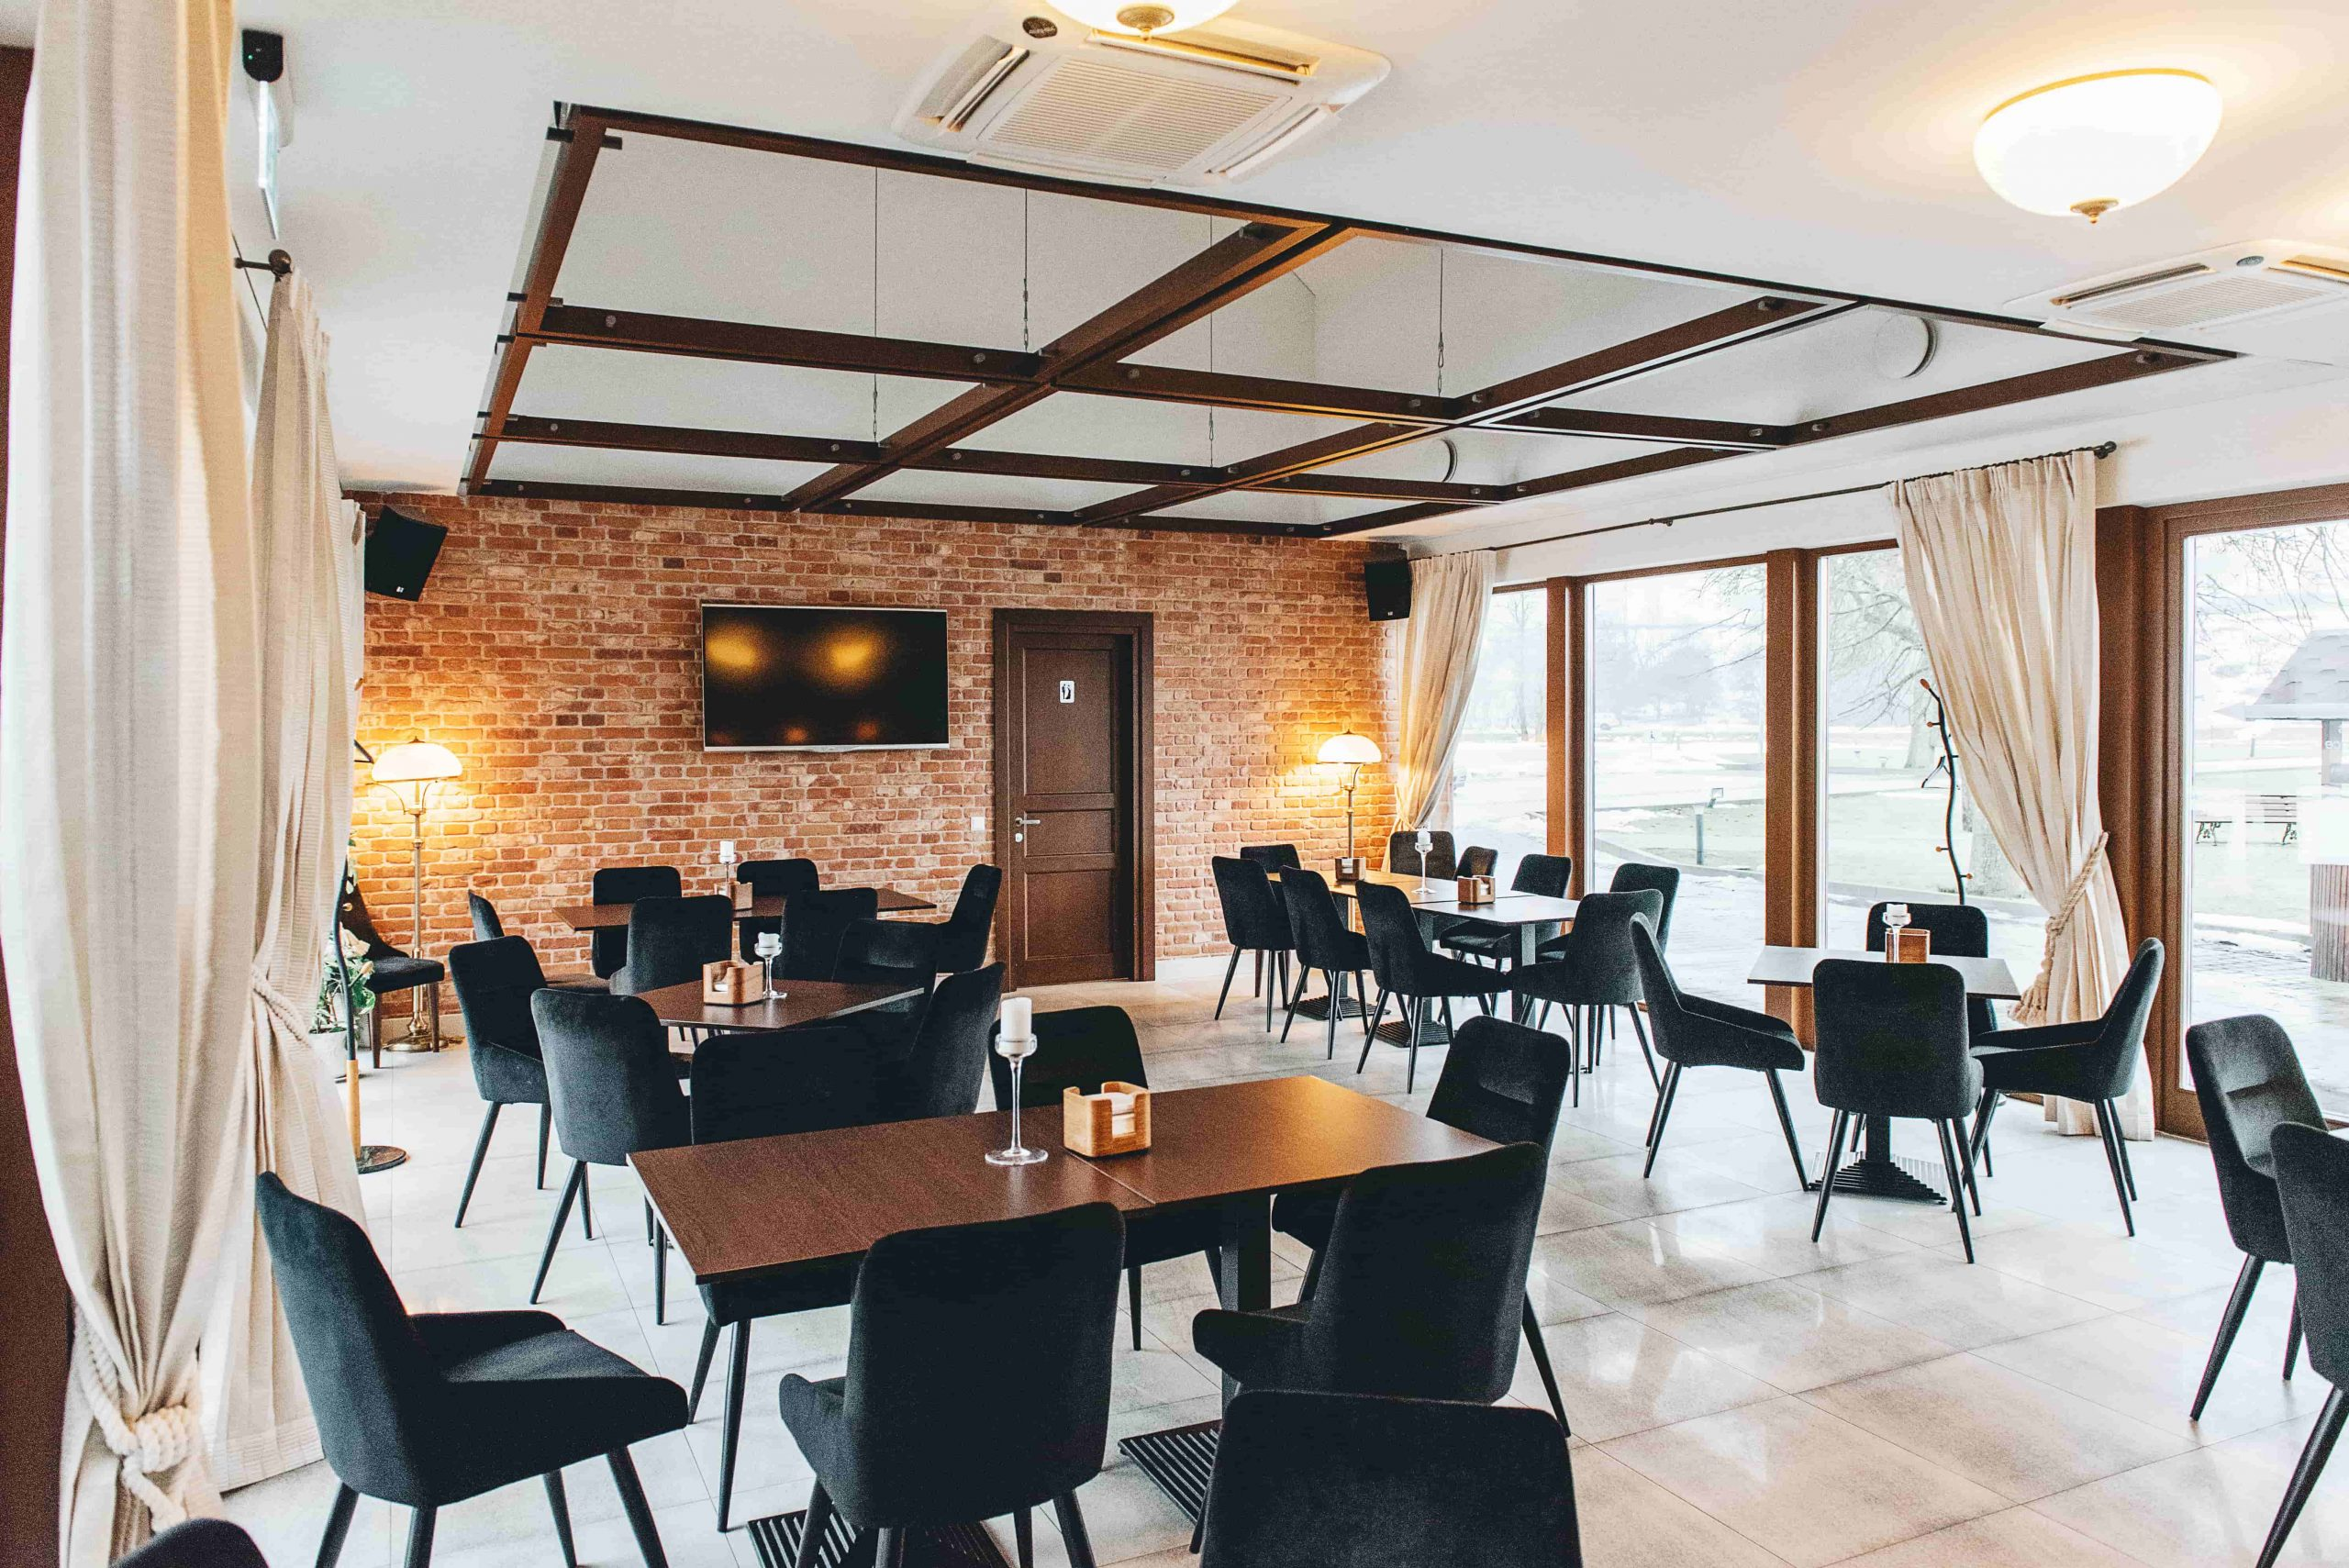 Restoranas Siesta - Apie mūsų kompleksą